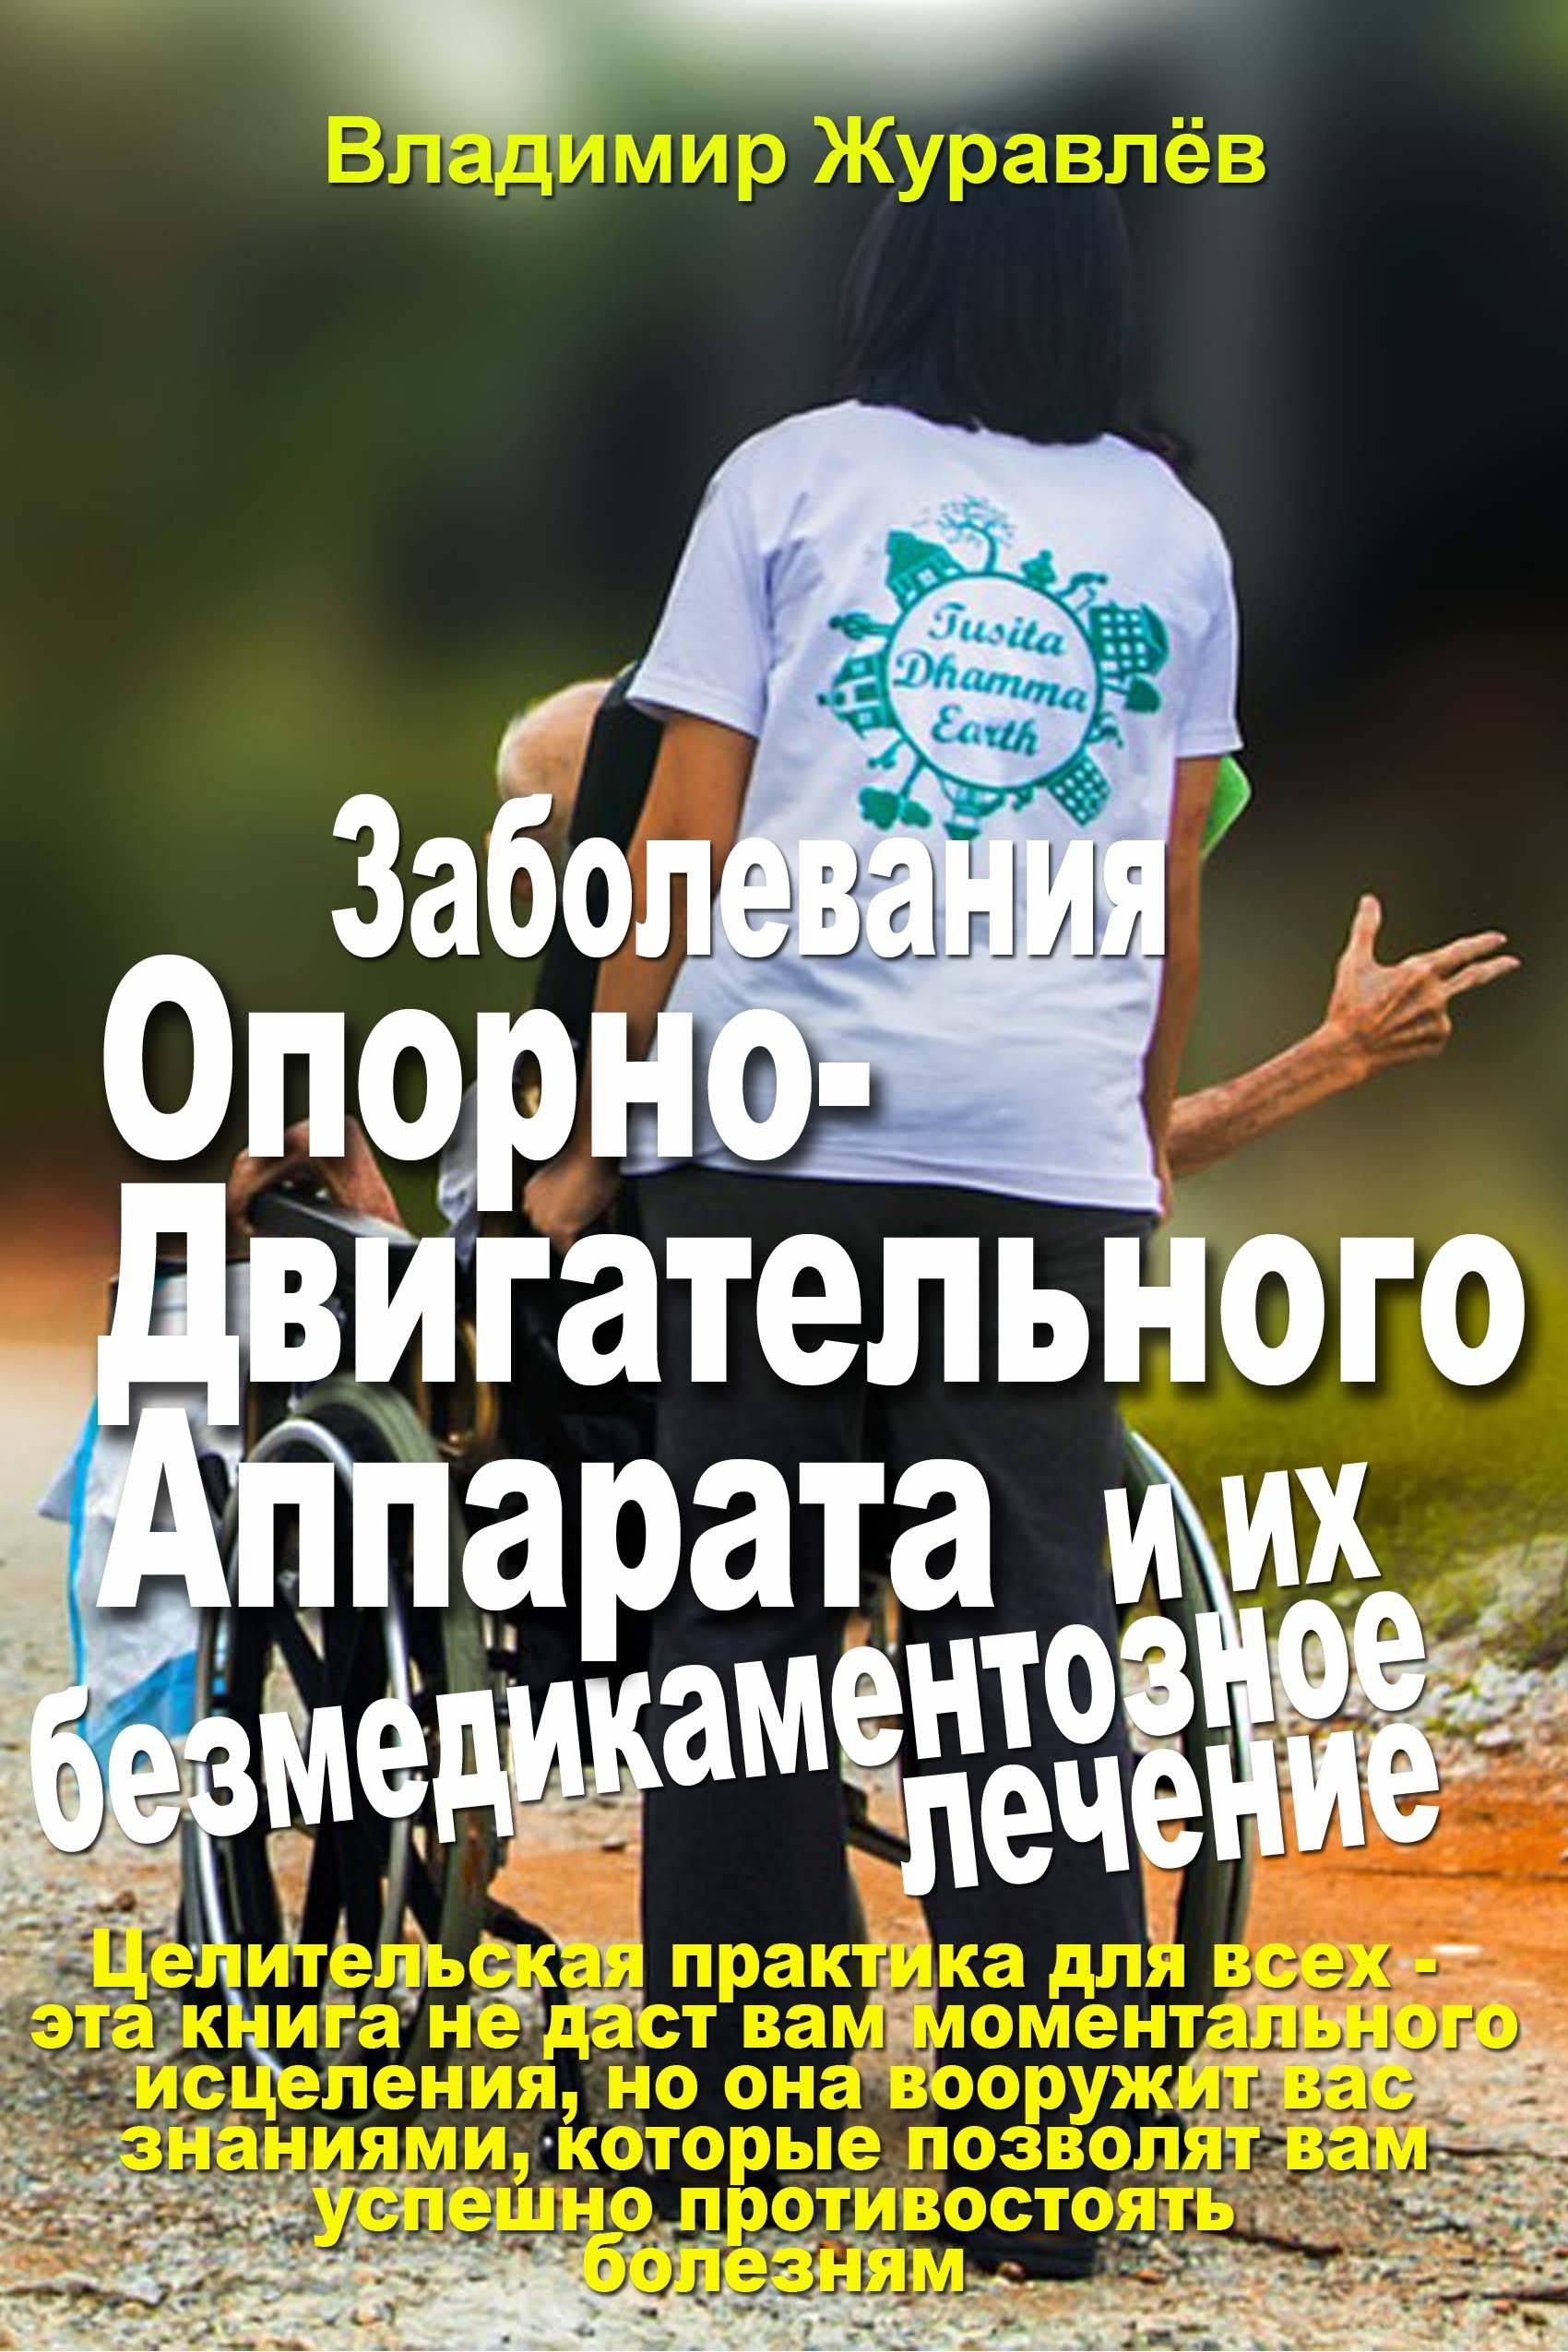 Пэат. решаем психологические проблемы самостоятельно | психология отношений - сайт психология sumasoyti.com